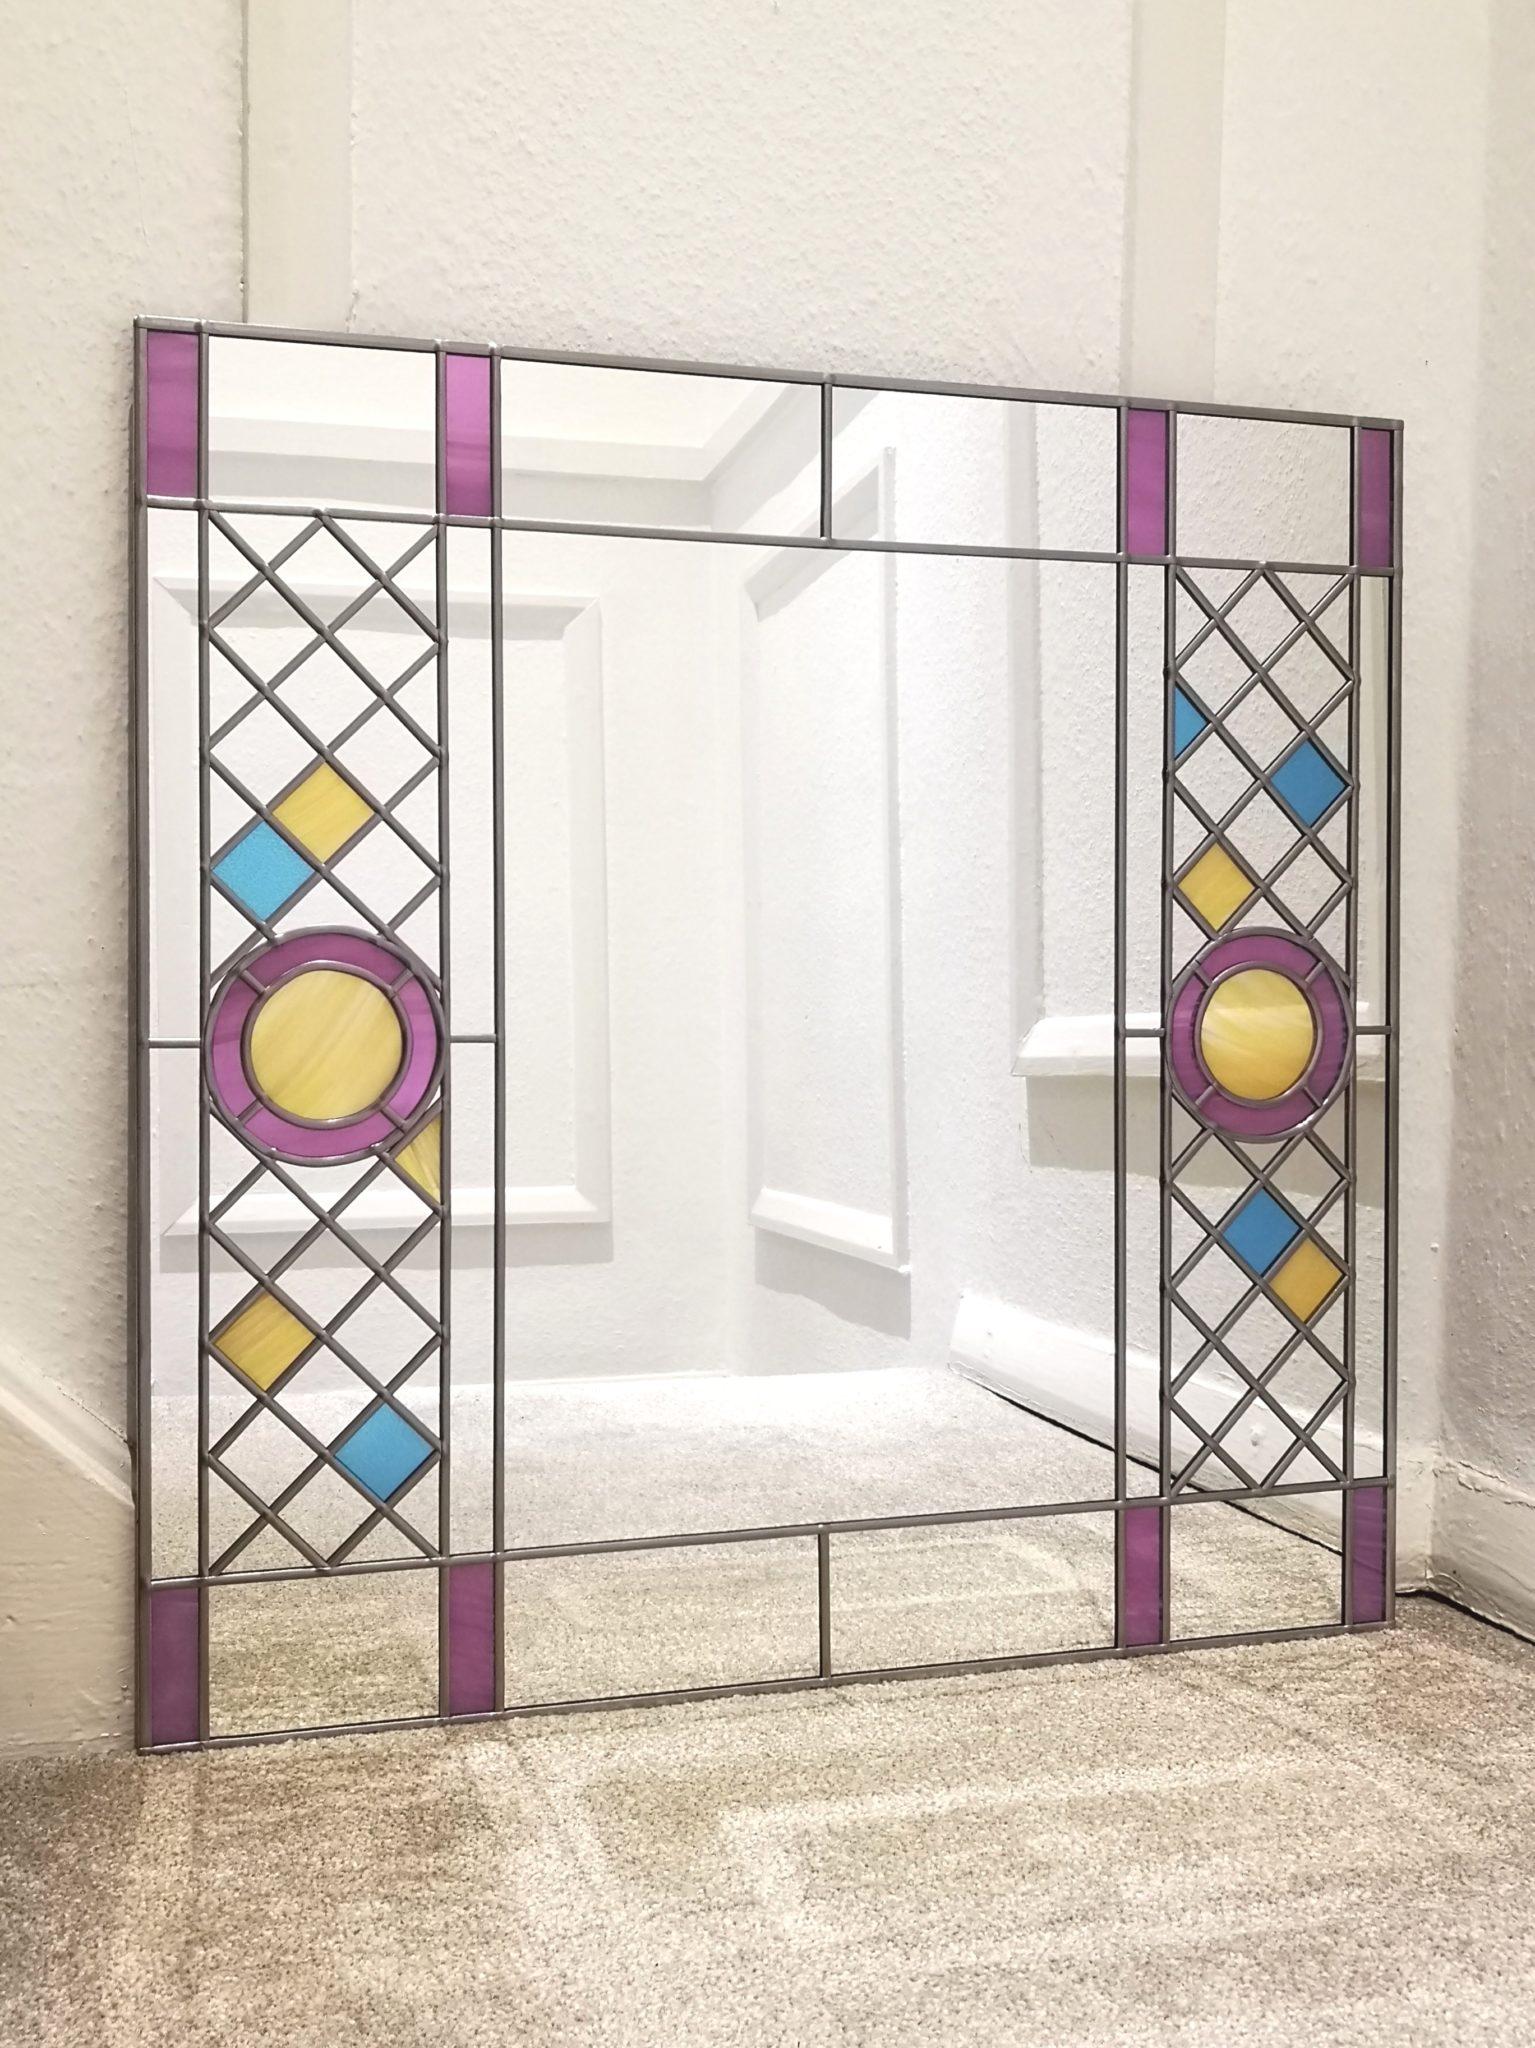 8e6c9ed69a5f Father Ted Wall Mirror 91x61cm, (3x2ft) - Lawson Glassworks